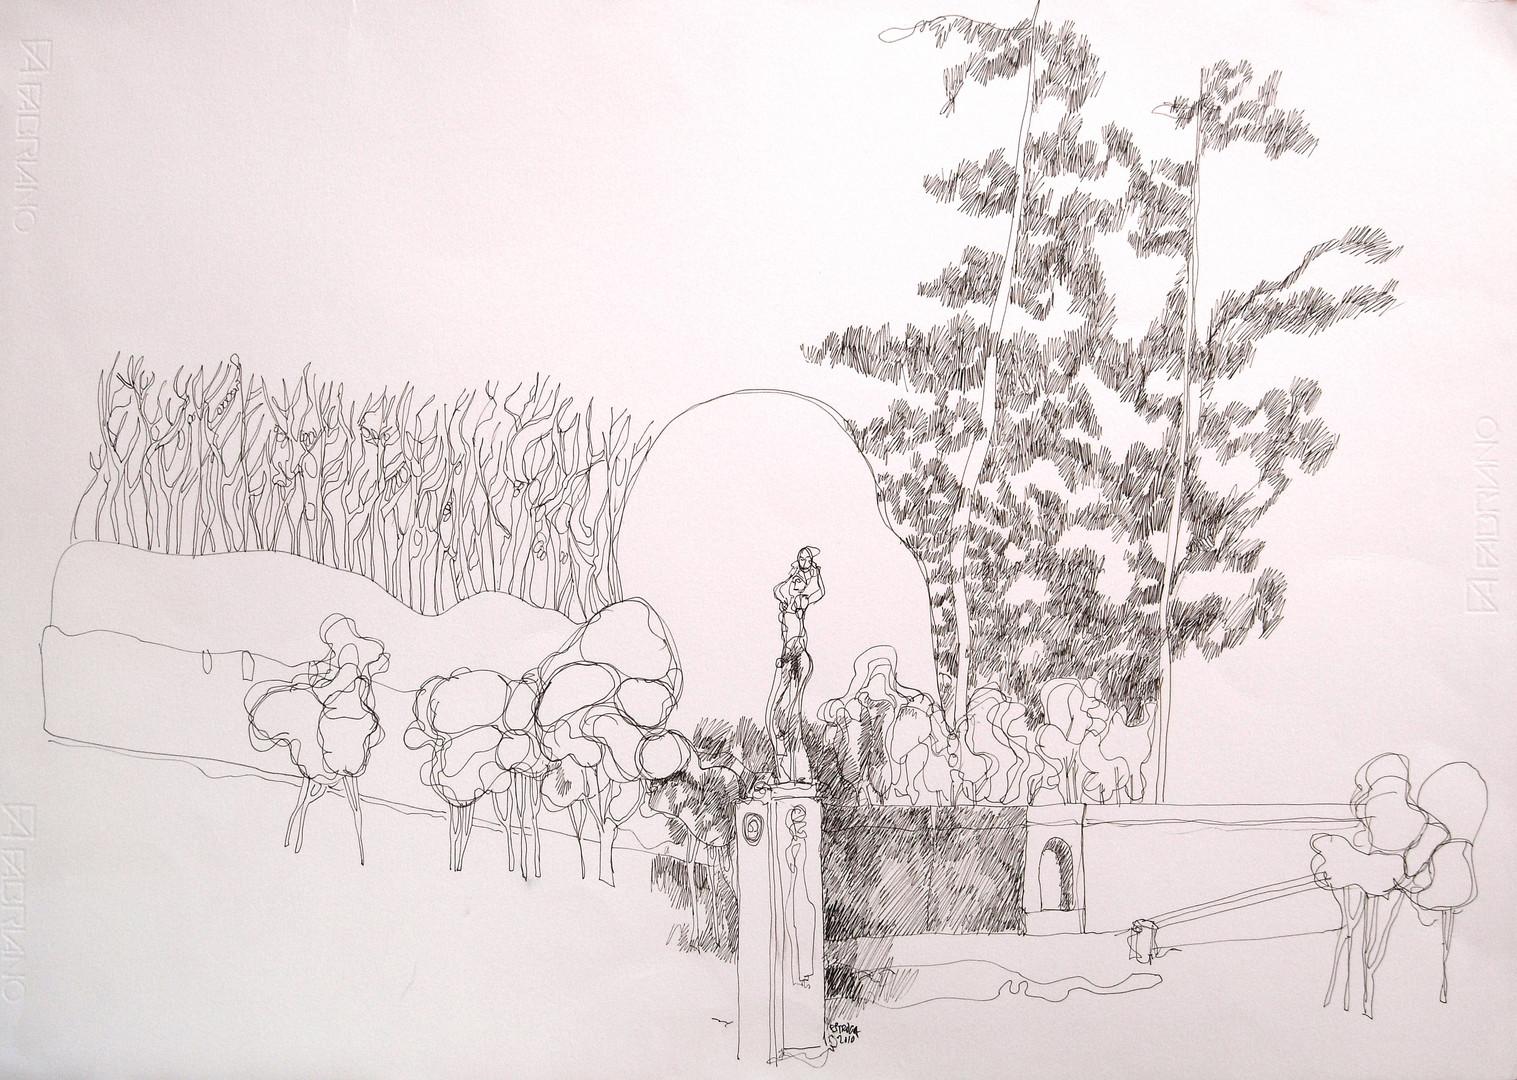 Parque del Retiro 24